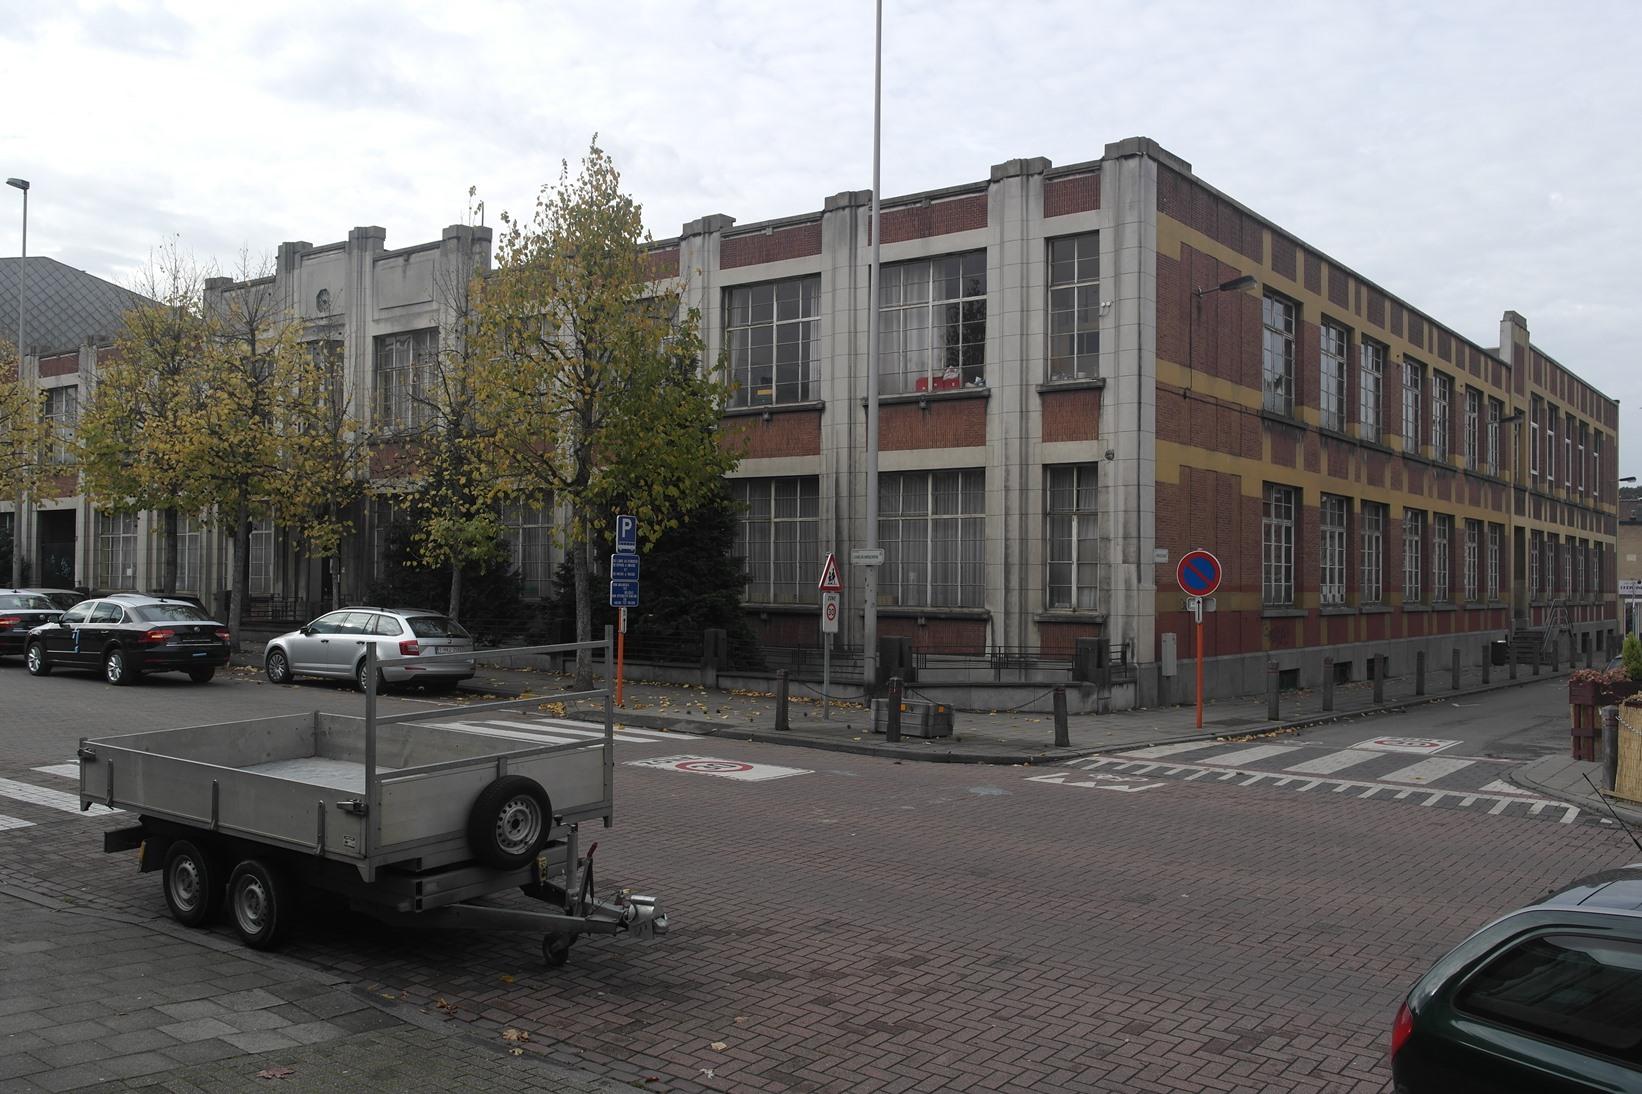 Avenue Louis De Brouckère 29, Ecole primaire, 2014